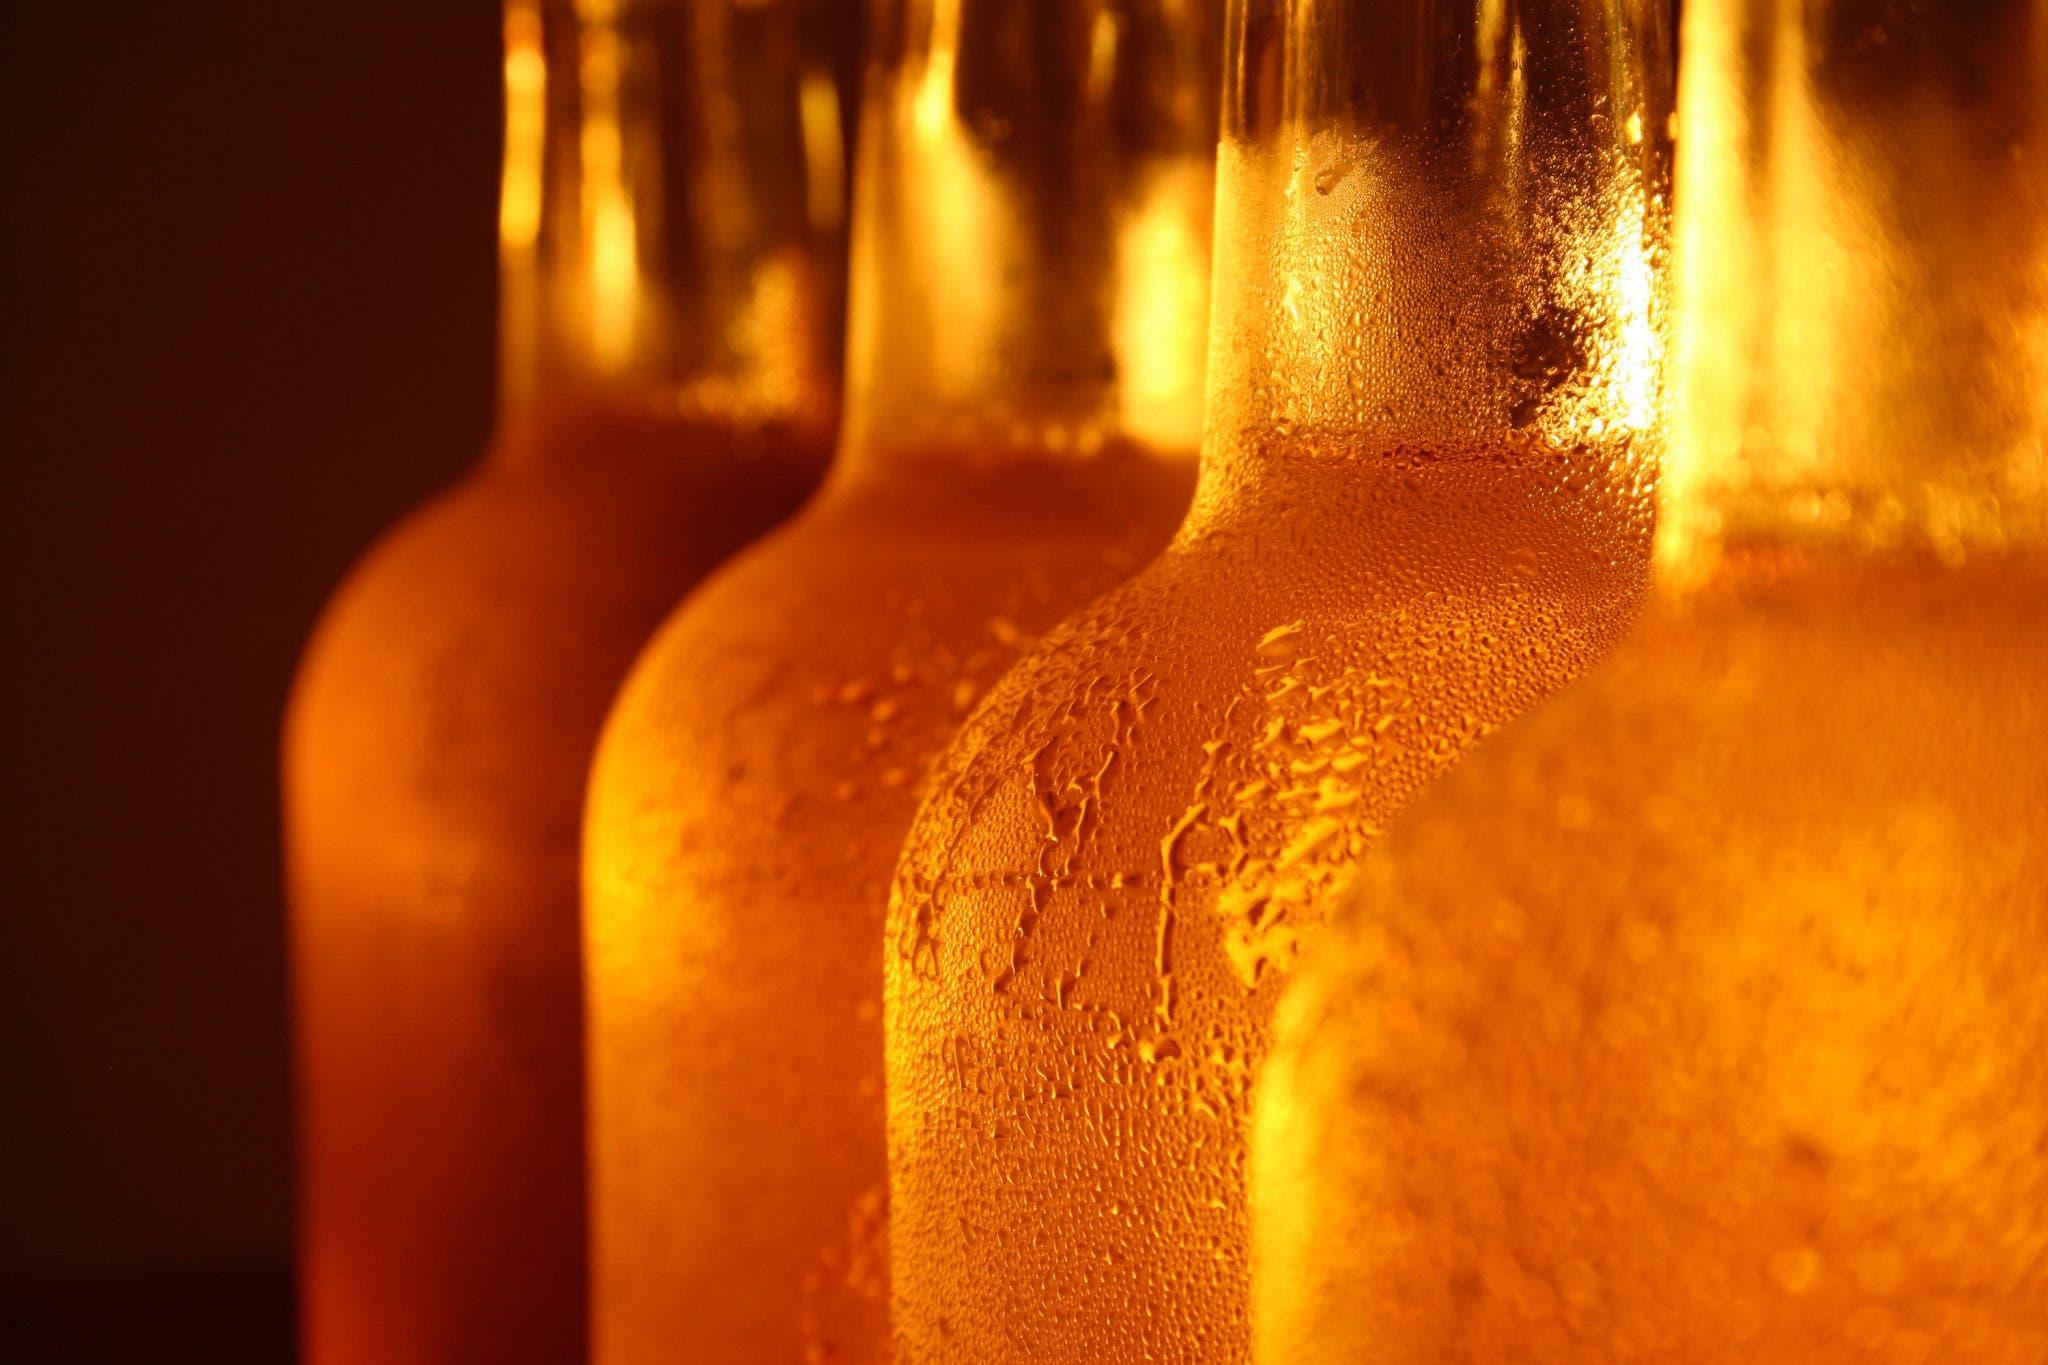 Sugieren elevar a 21 años la edad mínima para comprar alcohol